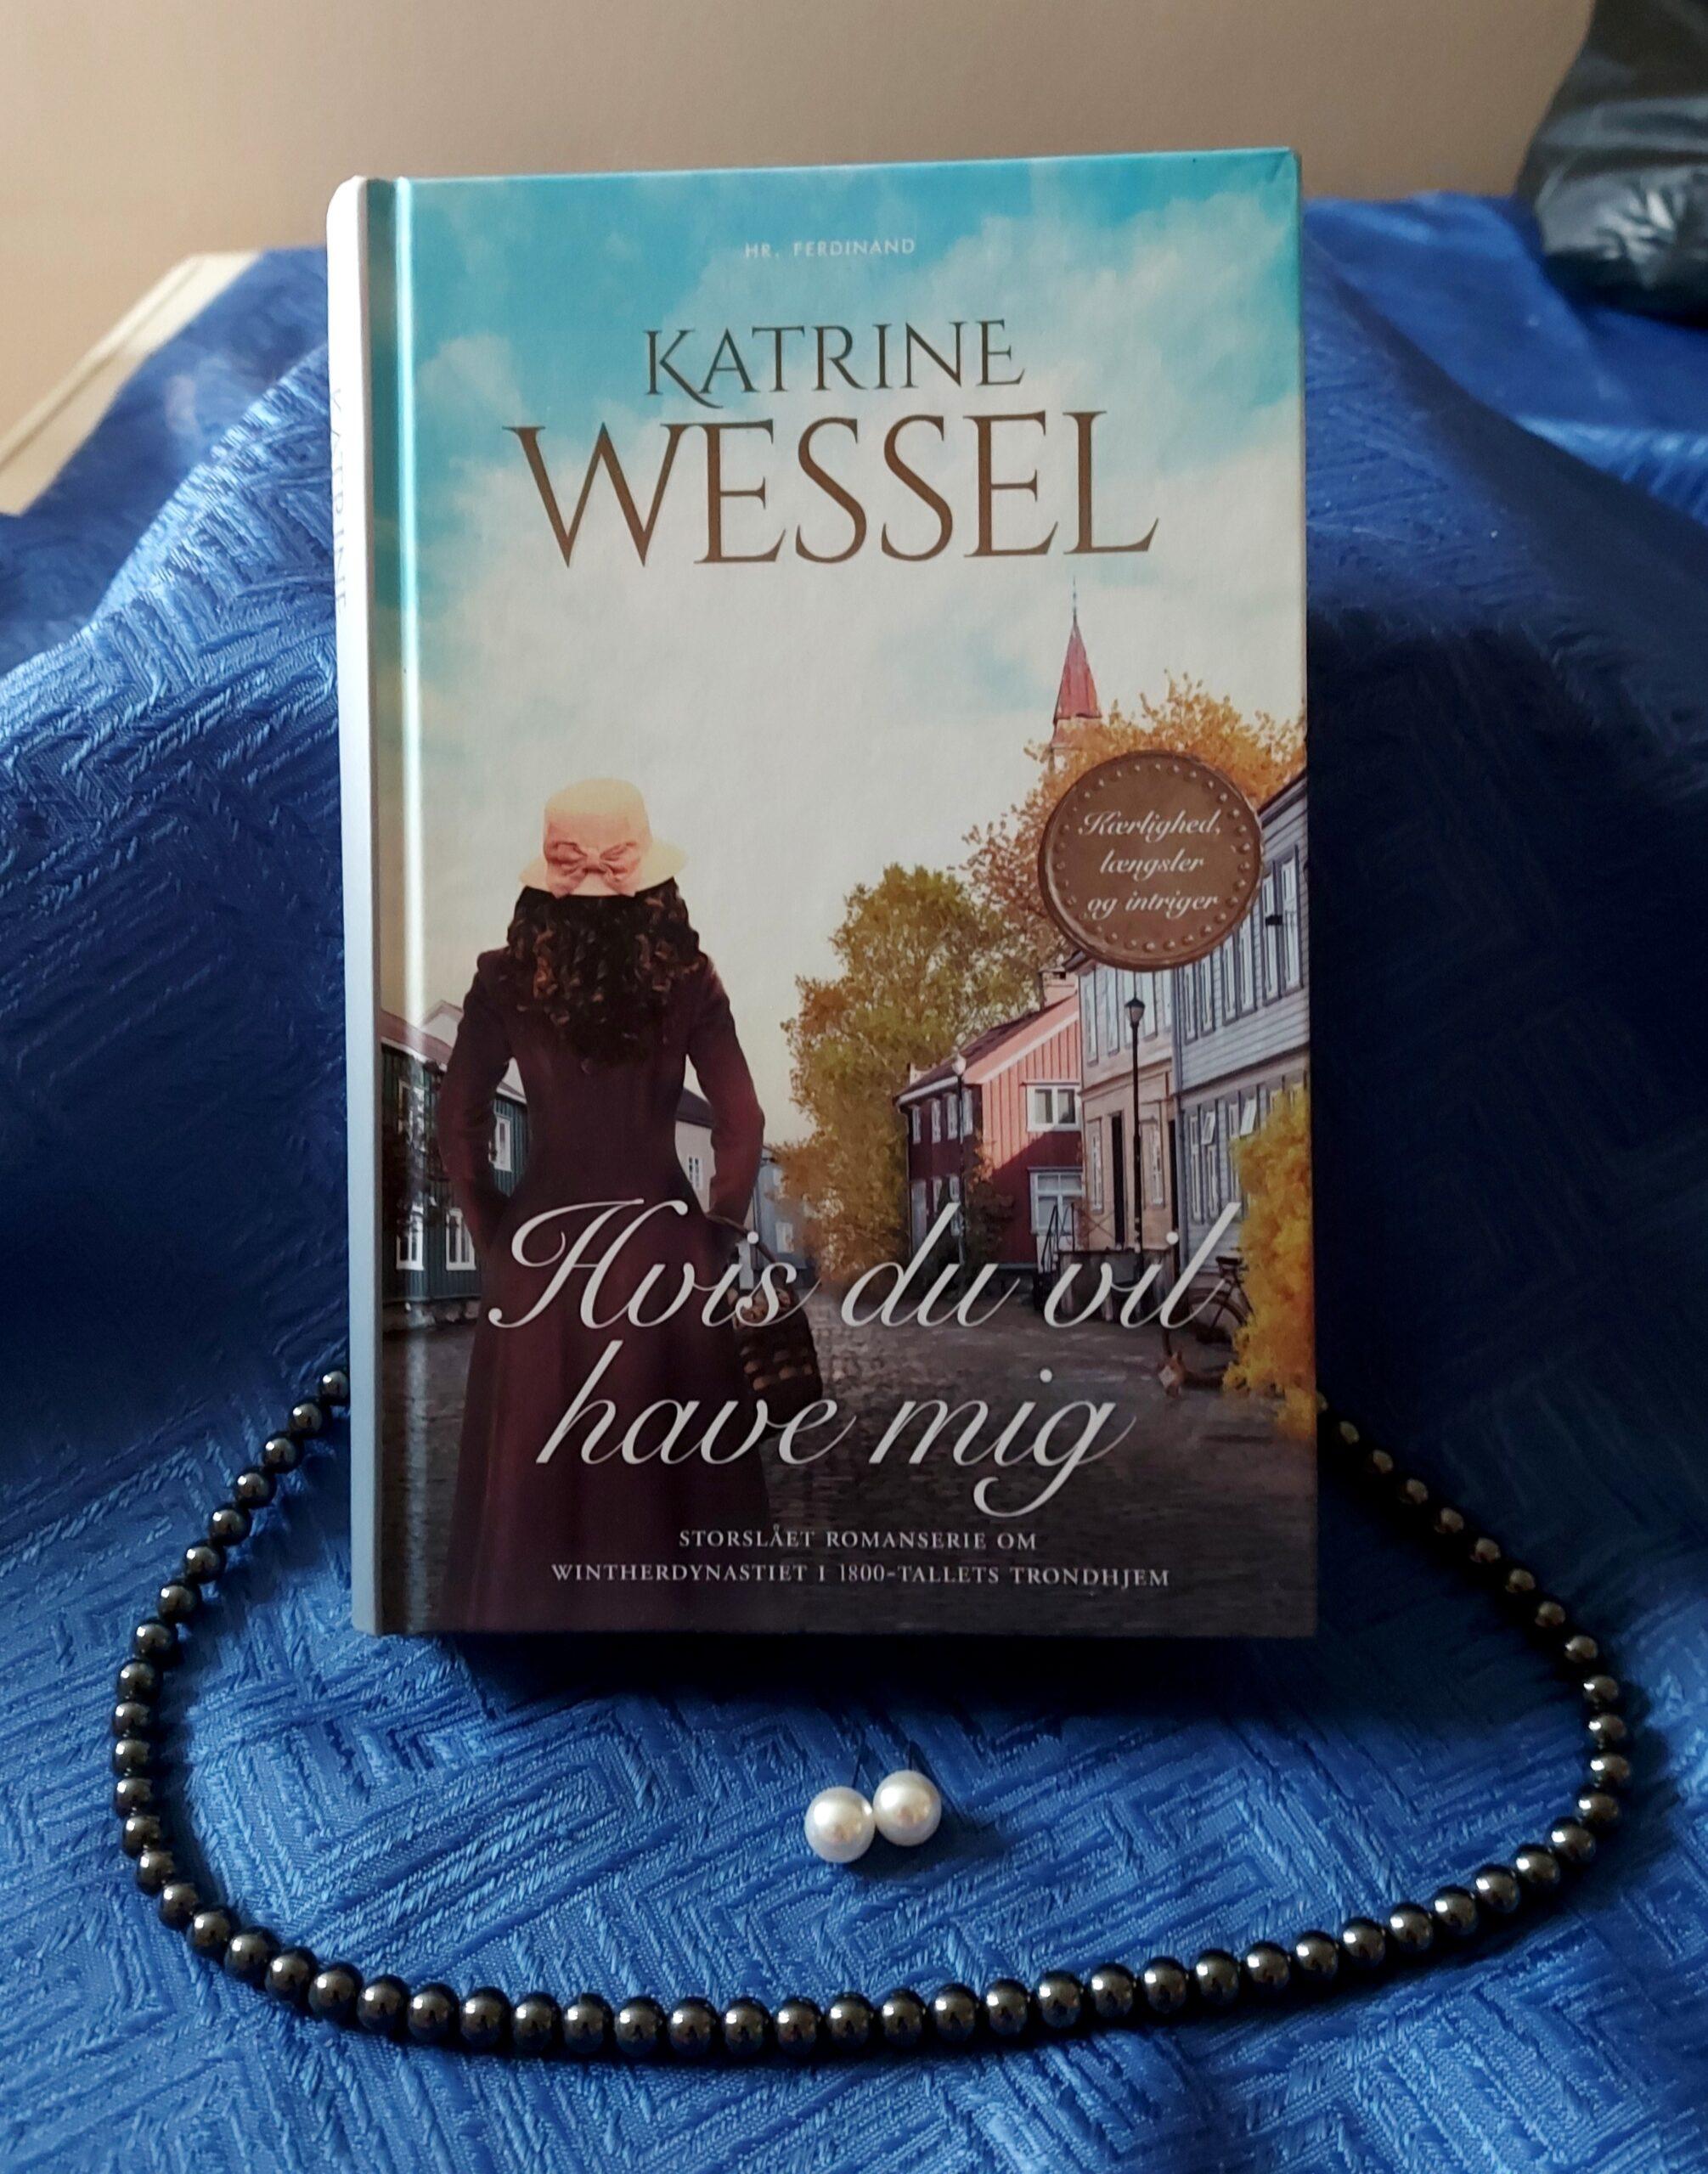 Hvis du vil have mig af Katrine Wessel-Aas (Winther Dynastiet #2)